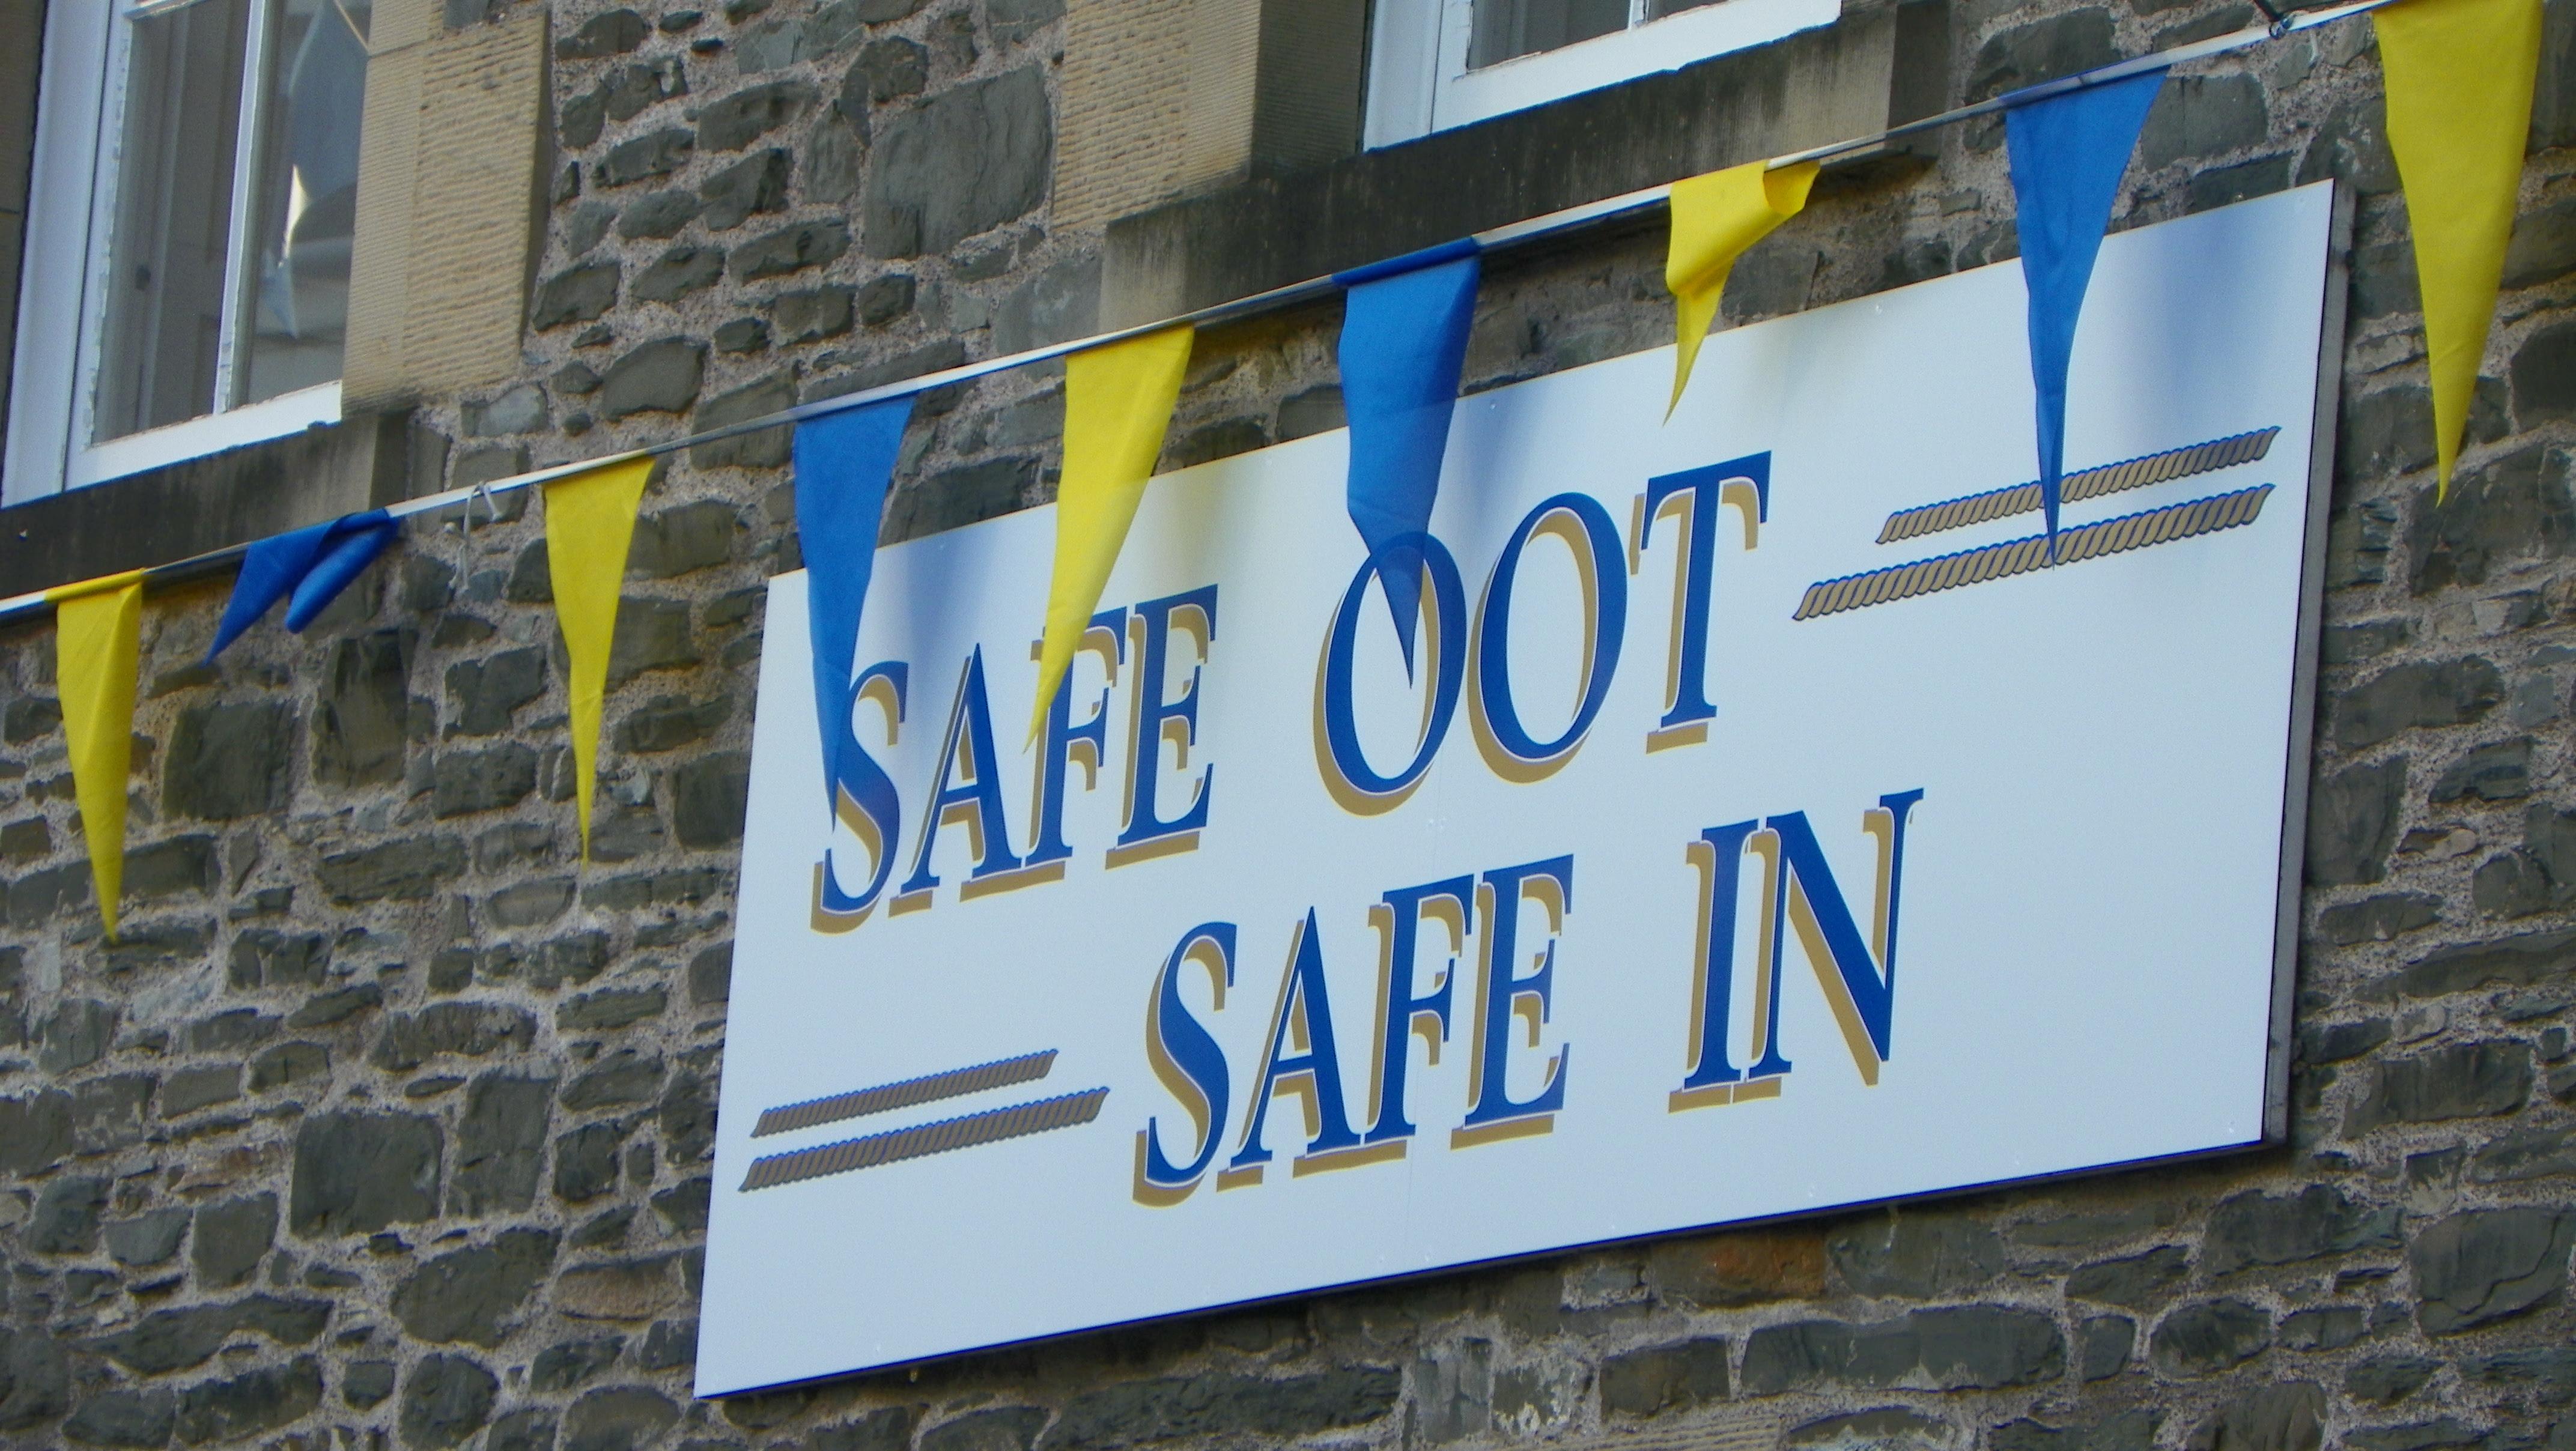 Safe Oot Safe In